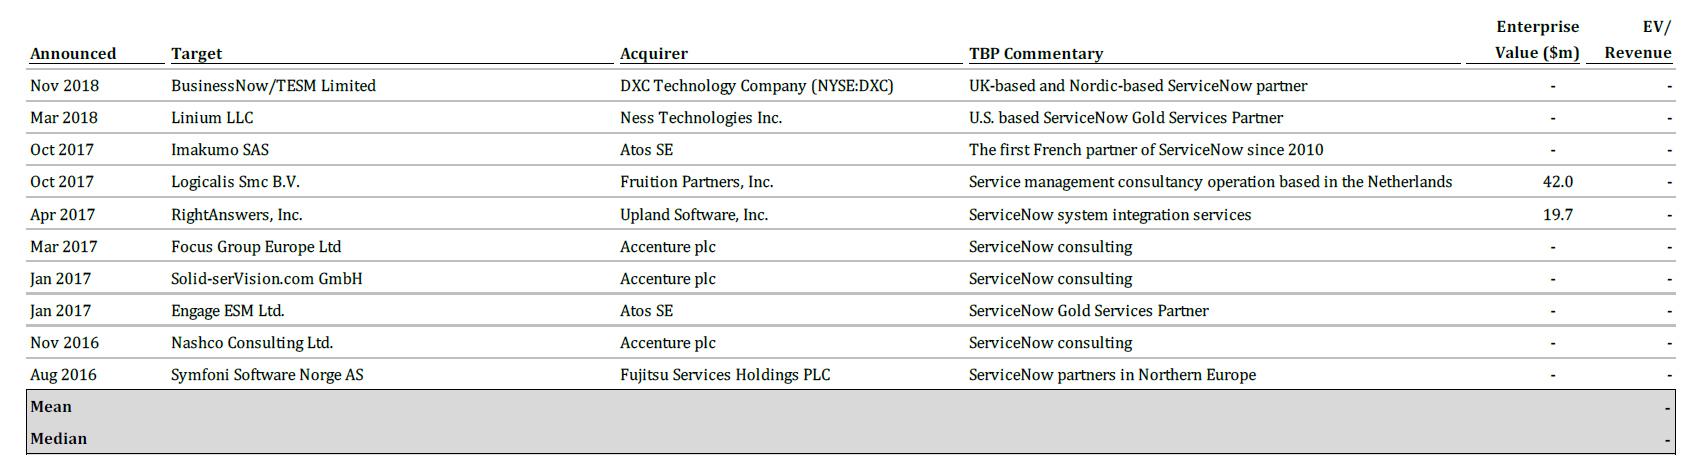 TBP Spotlight – DXC Acquires TESM and BusinessNow